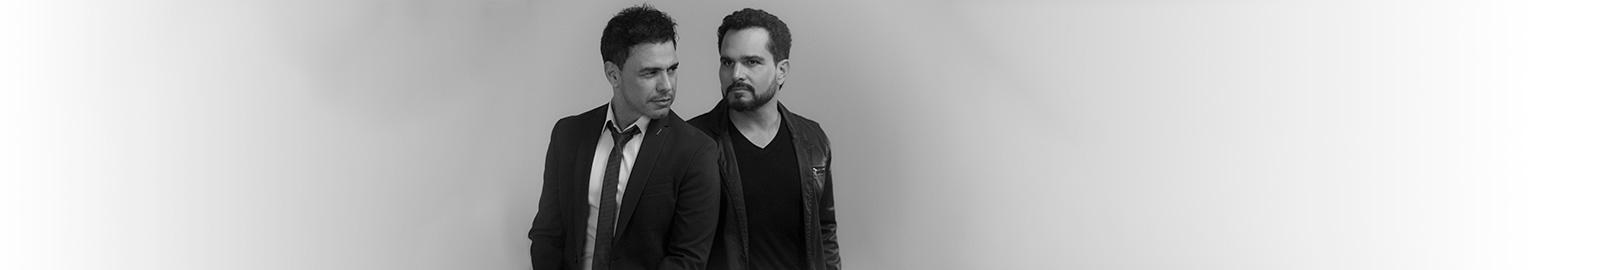 Sorteios de camarim | Zezé Di Camargo e Luciano em Porto Alegre (show dia 07/11/2018)